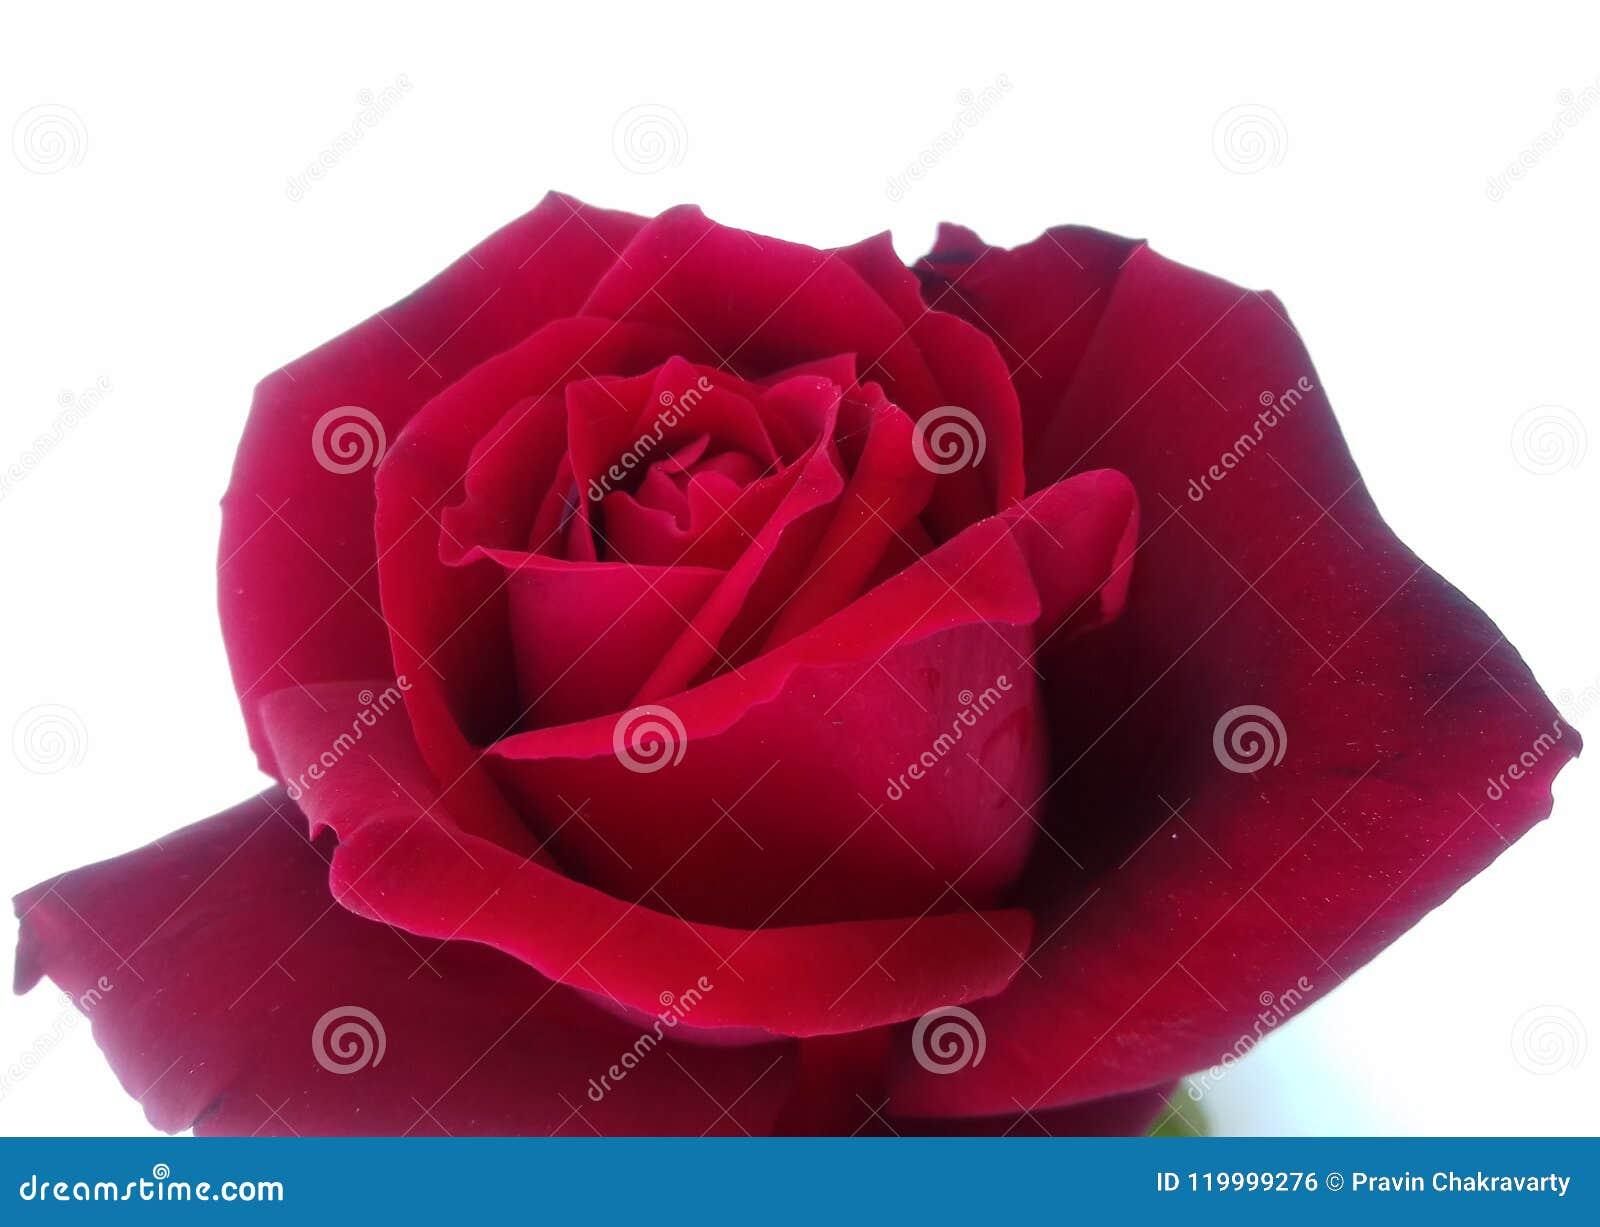 Carta Da Parati Rosa Bianca : Rosa rossa con la carta da parati strutturata bianca del fondo